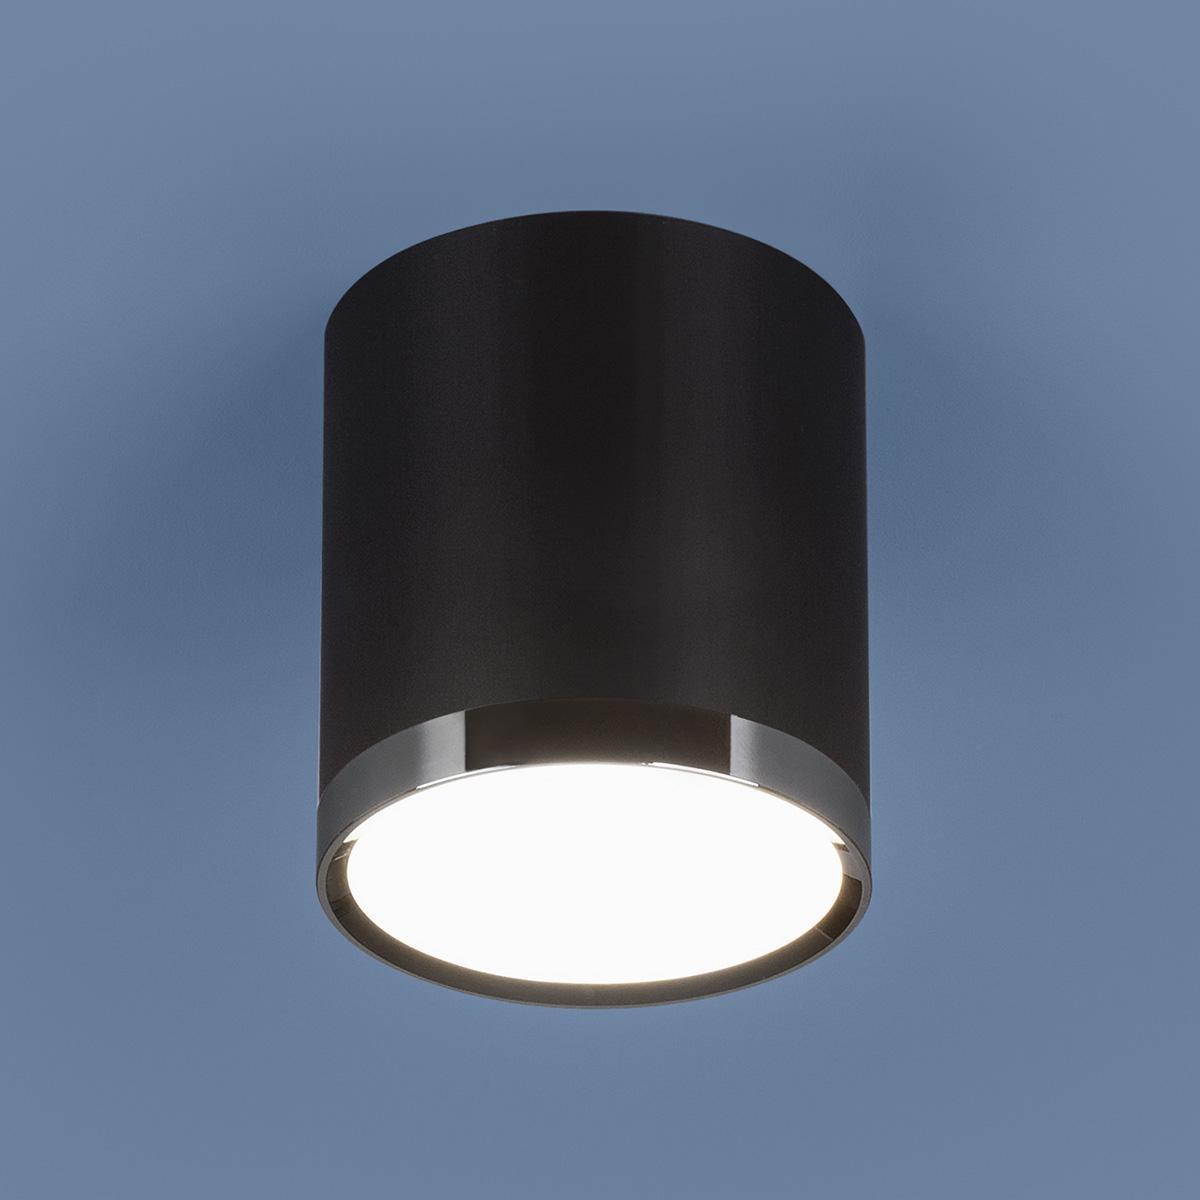 Потолочный светодиодный светильник Elektrostandard DLR024 6W 4200K черный матовый 4690389110375 цена